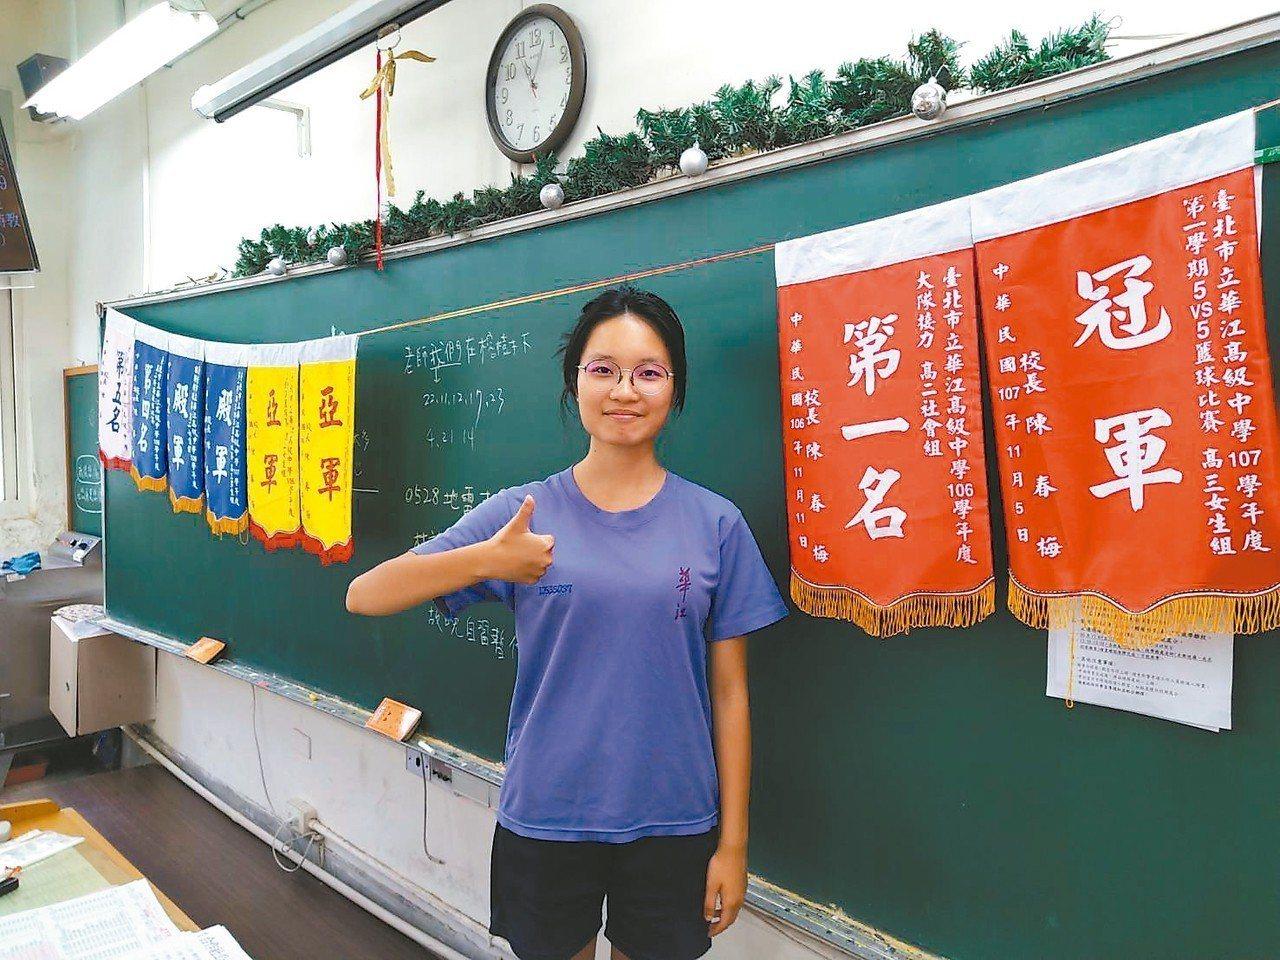 華江高中學生楊子嫻,平日需要打工補貼家計,不過個性開朗的她,不僅認真向學,對班級...